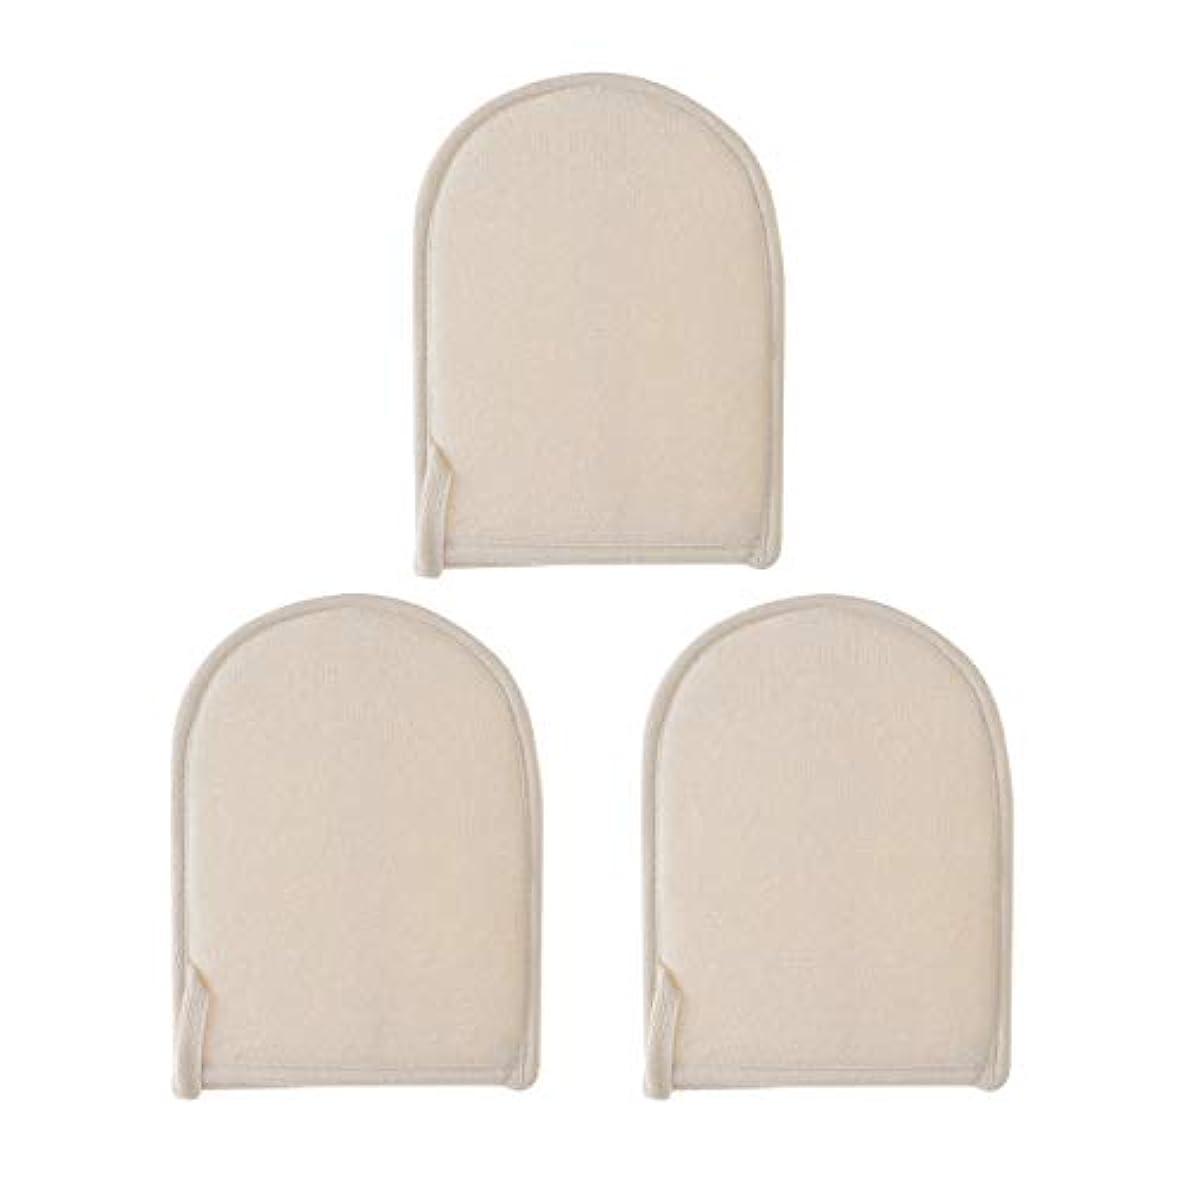 センブランスラバ固有のSUPVOX 3ピース剥離loofahパッドナチュラルLoofahスポンジ手袋風呂スクラバーブラシ用ボディフェイス